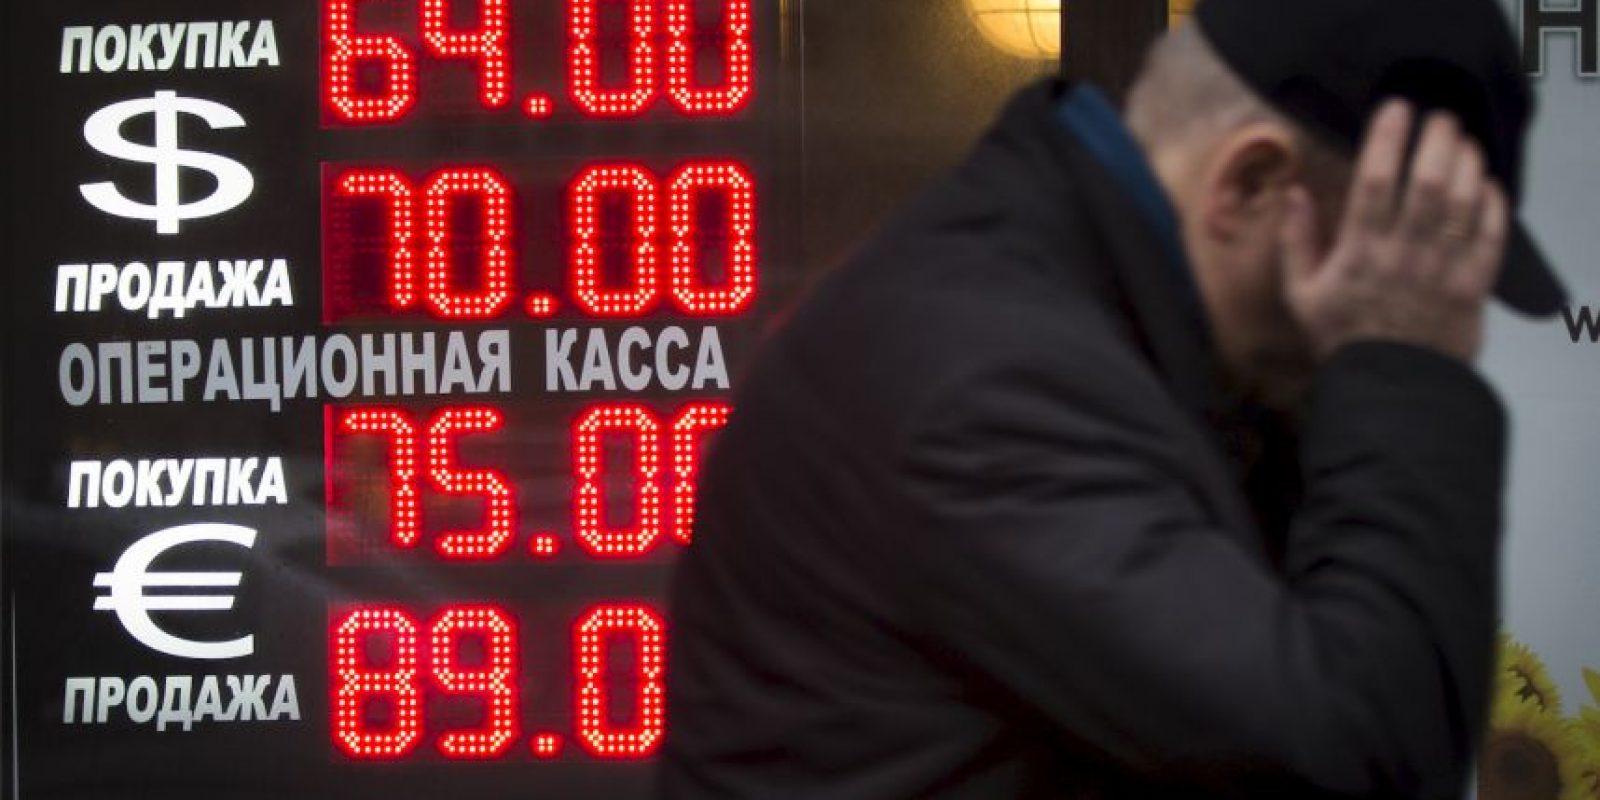 El rublo, la moneda oficial rusa, se encuentra en uno de sus peores momentos en los últimos años Foto:AP